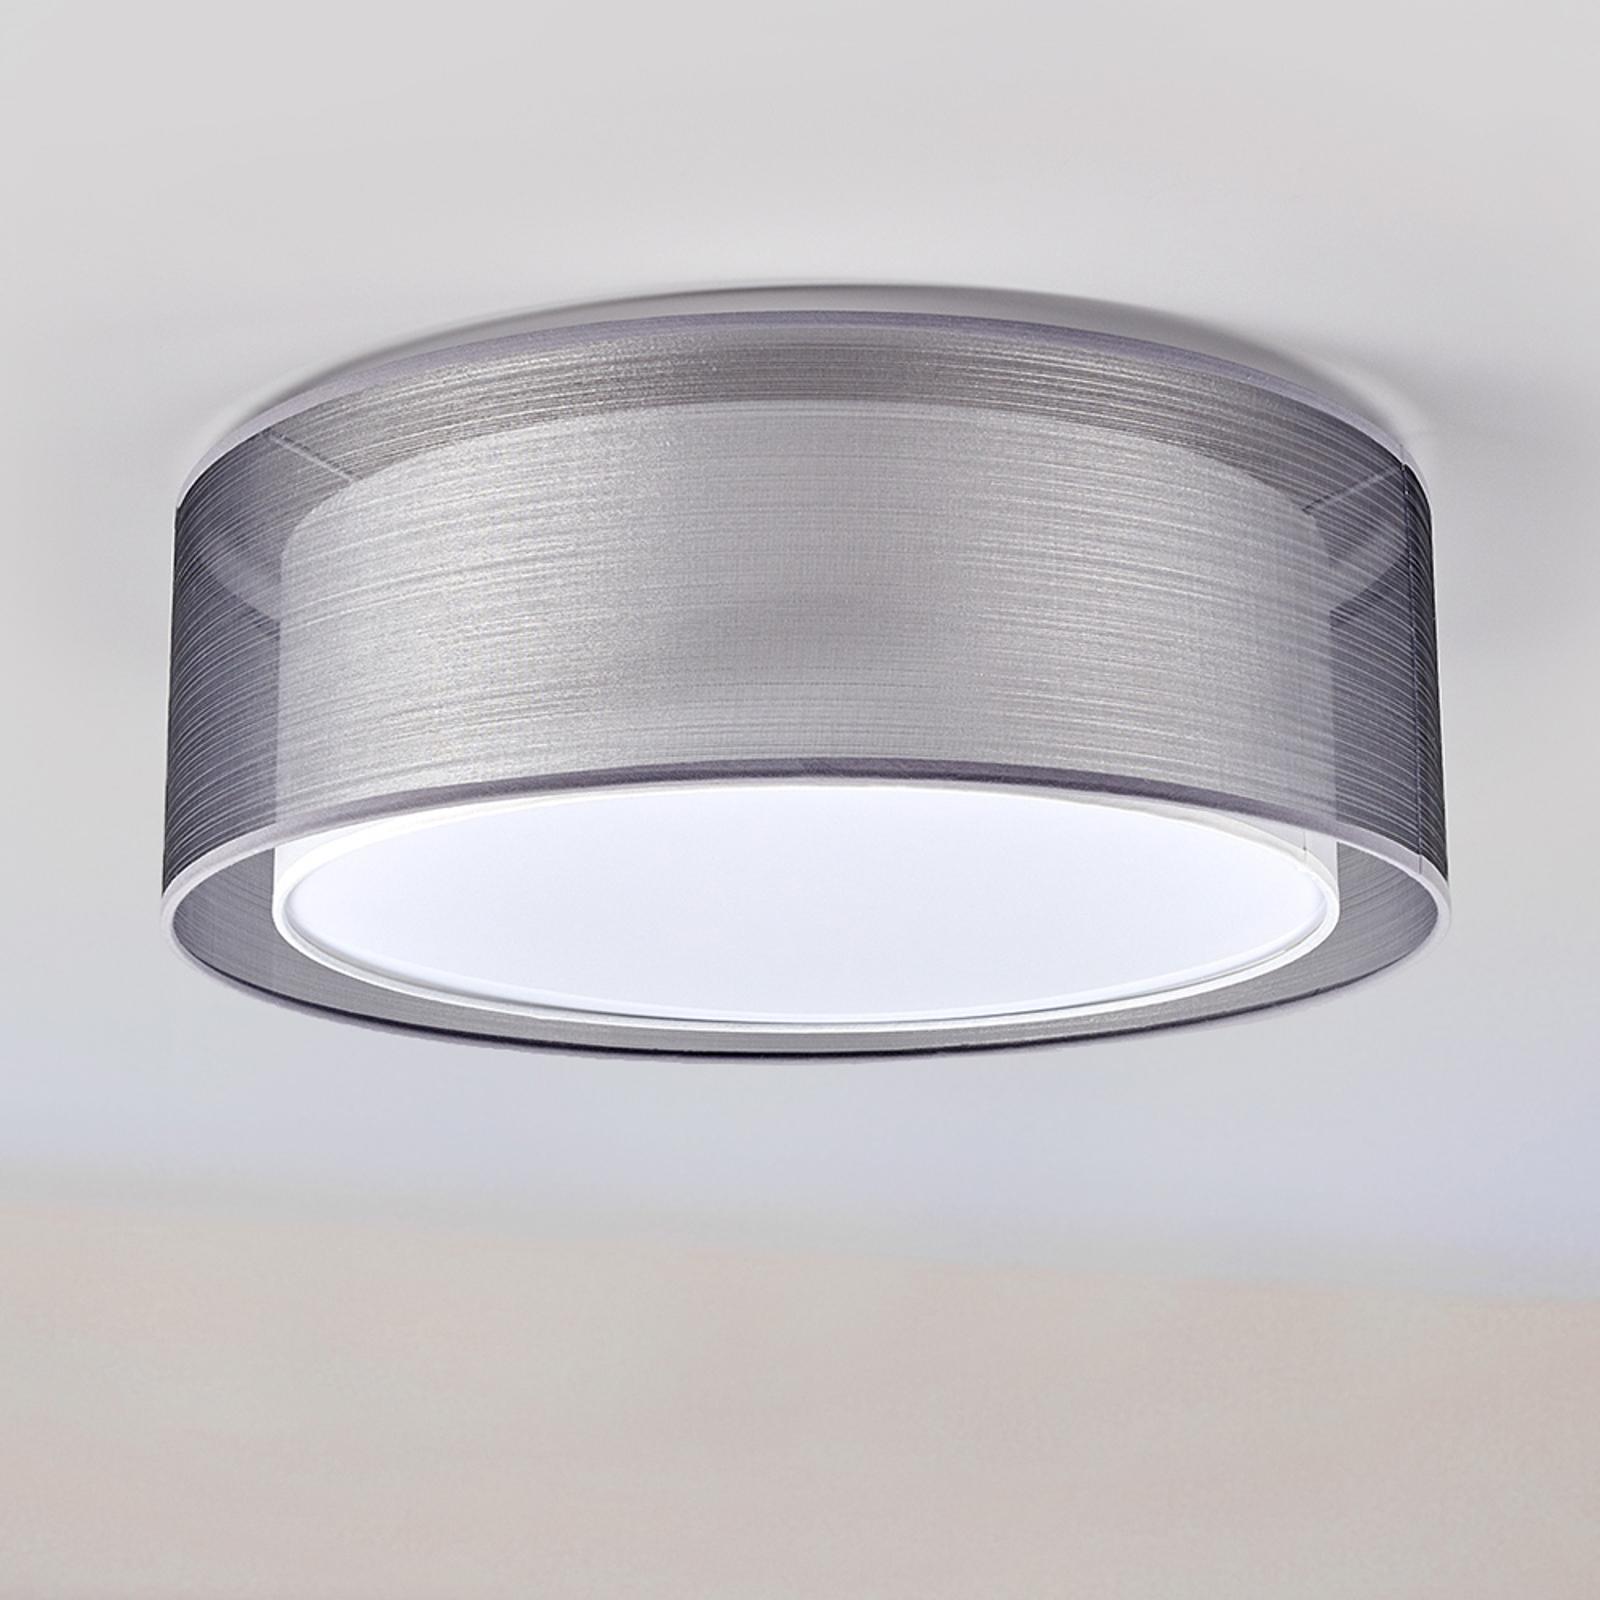 Lampa sufitowa Nica z podwójnym abażurem, szara